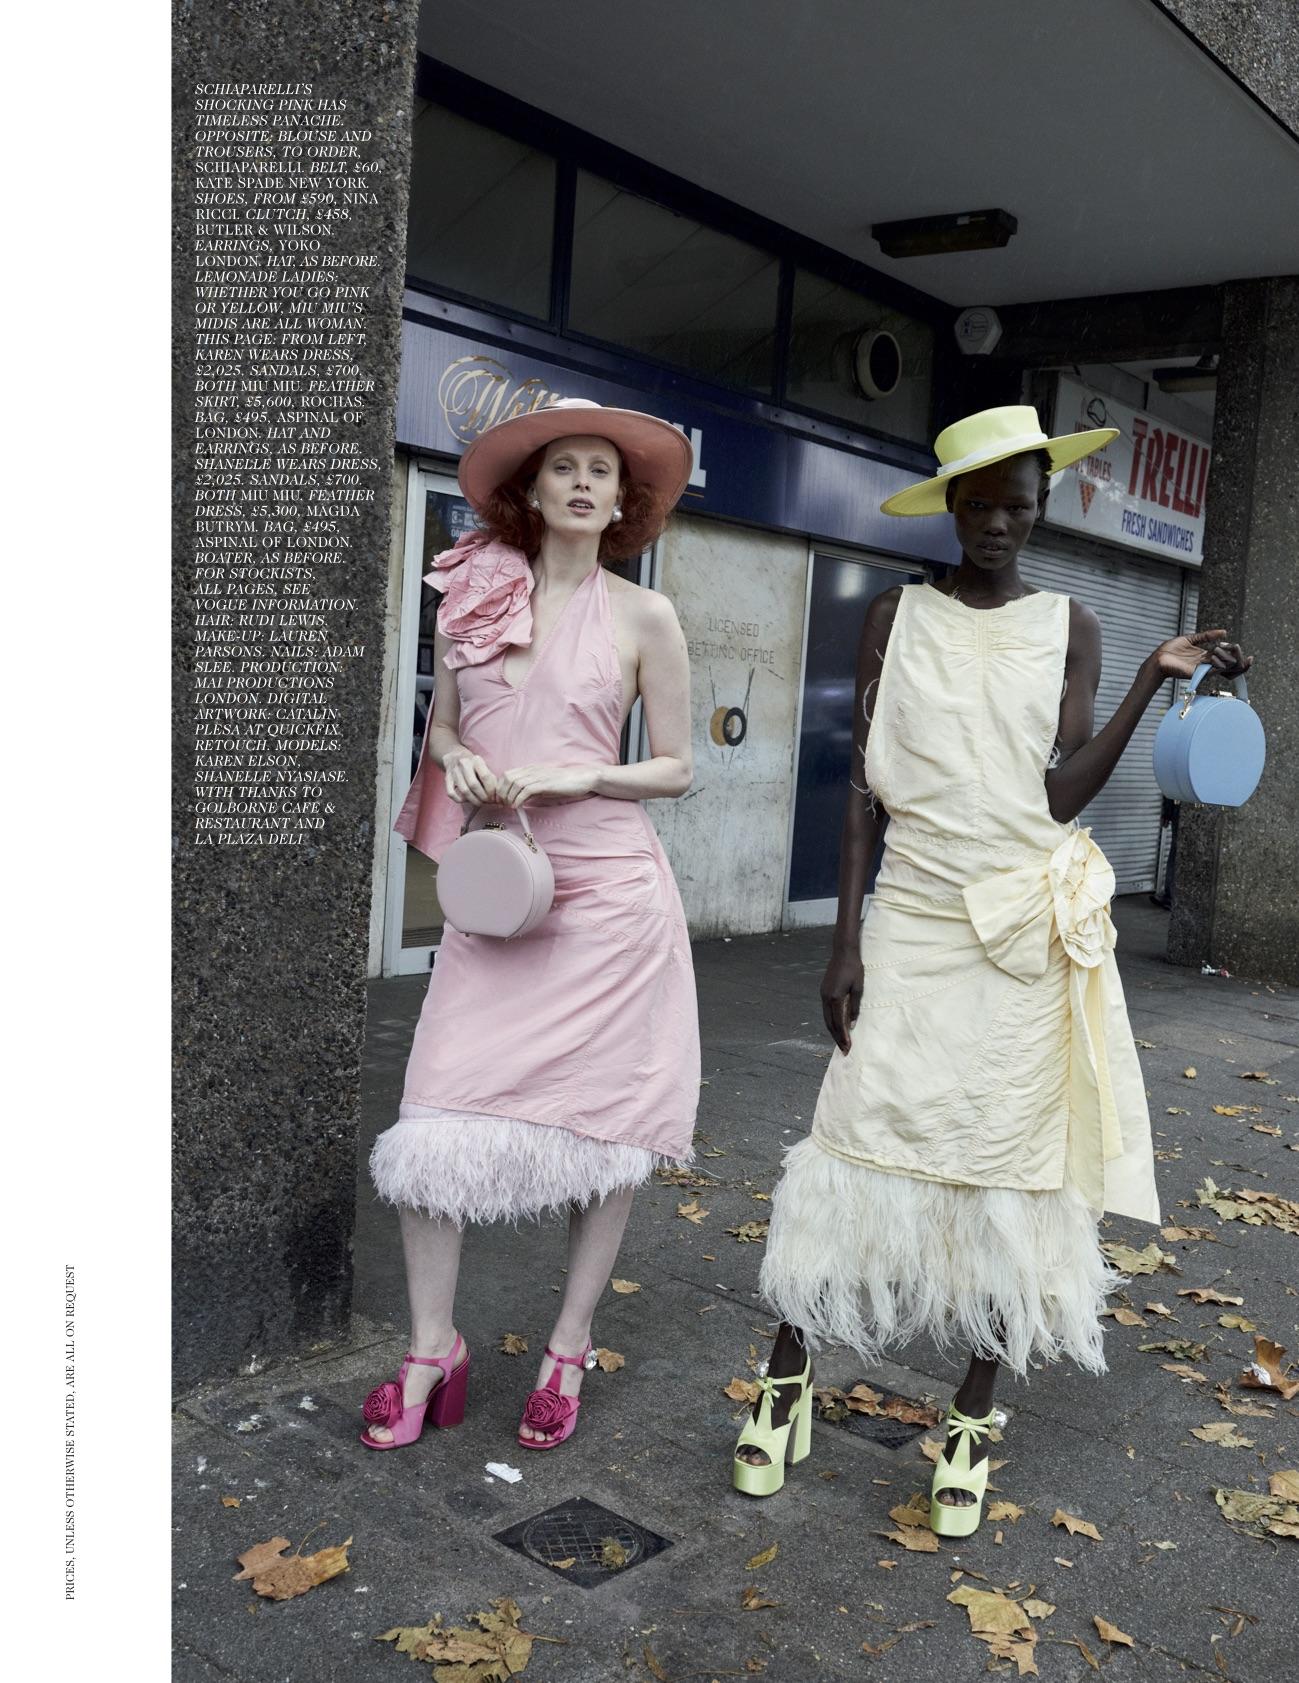 VOGUE UK - 2019 Photographer: Jurgen Teller Model: Karen, Shanelle Location: London